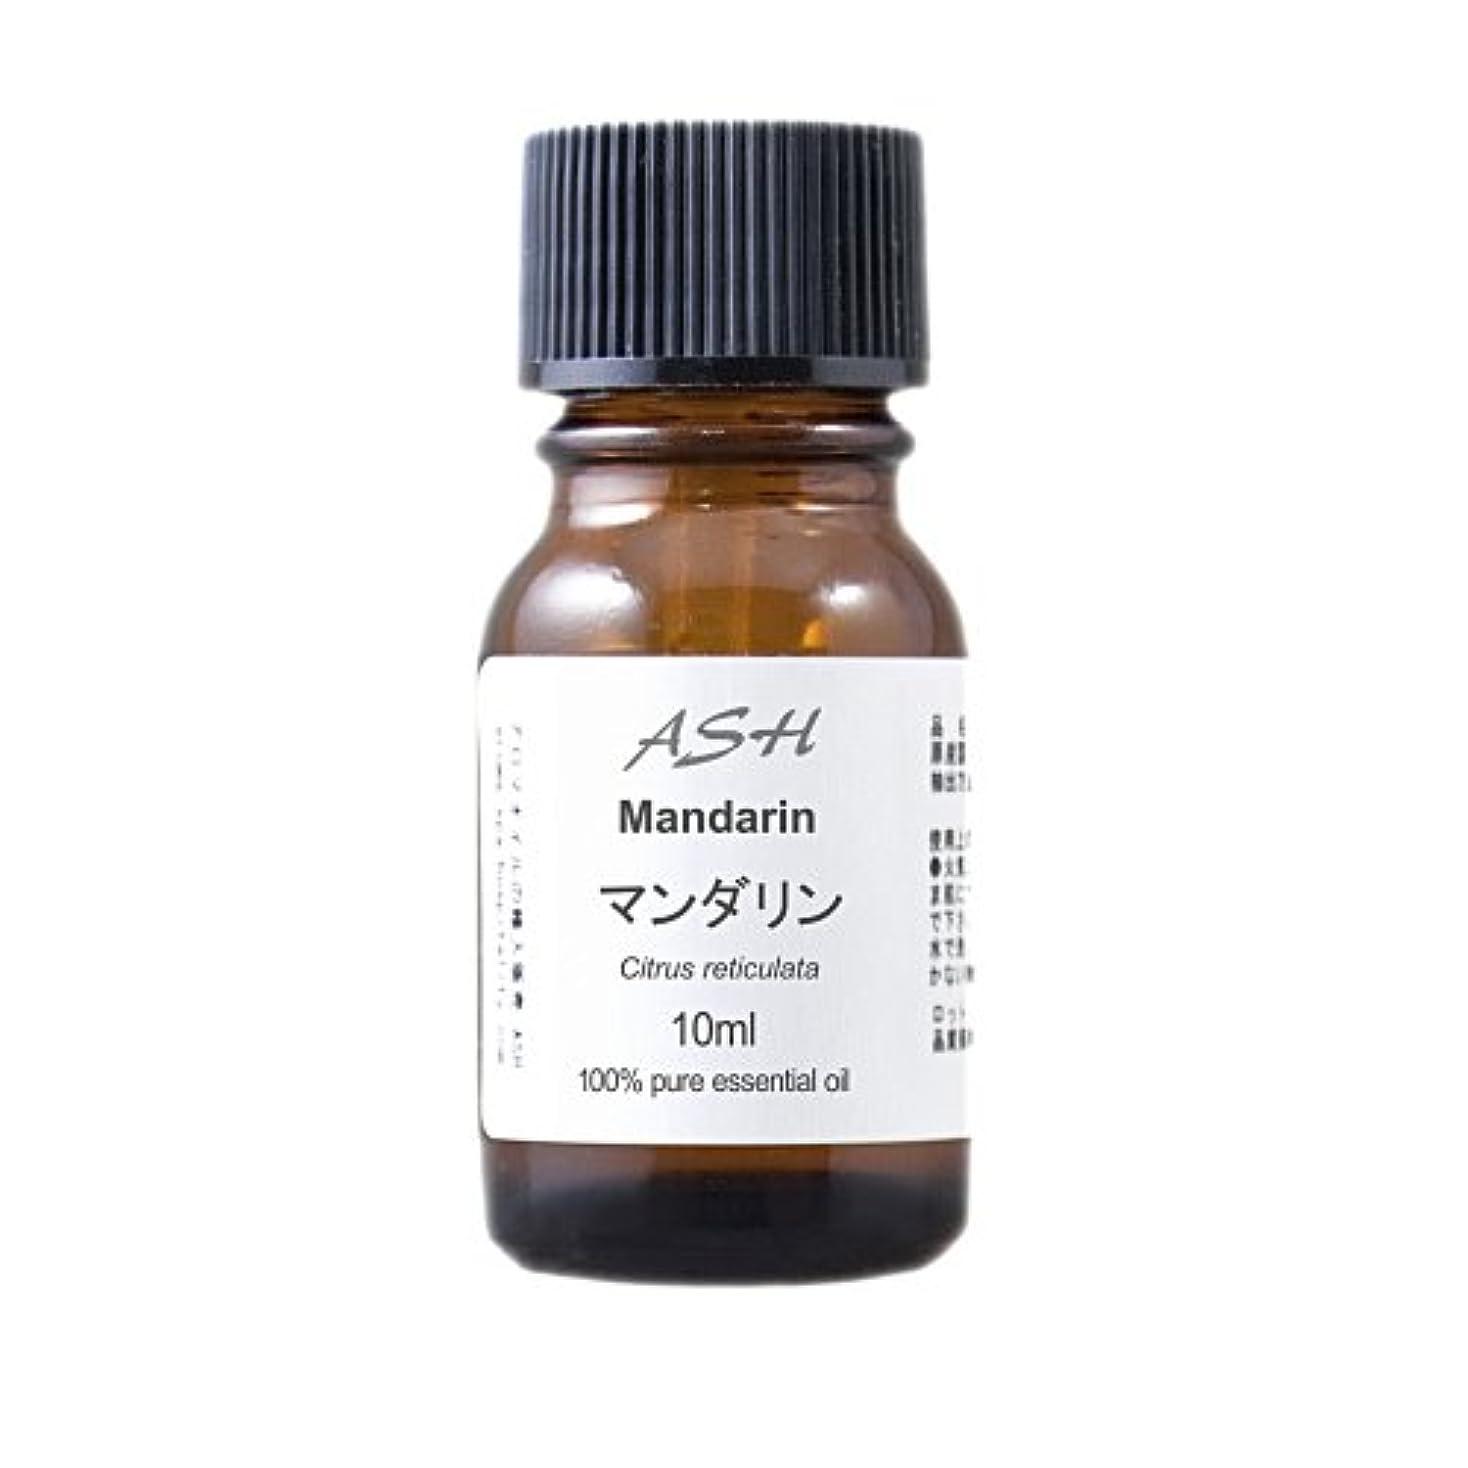 ロードブロッキング断言する慣習ASH マンダリン エッセンシャルオイル 10ml AEAJ表示基準適合認定精油